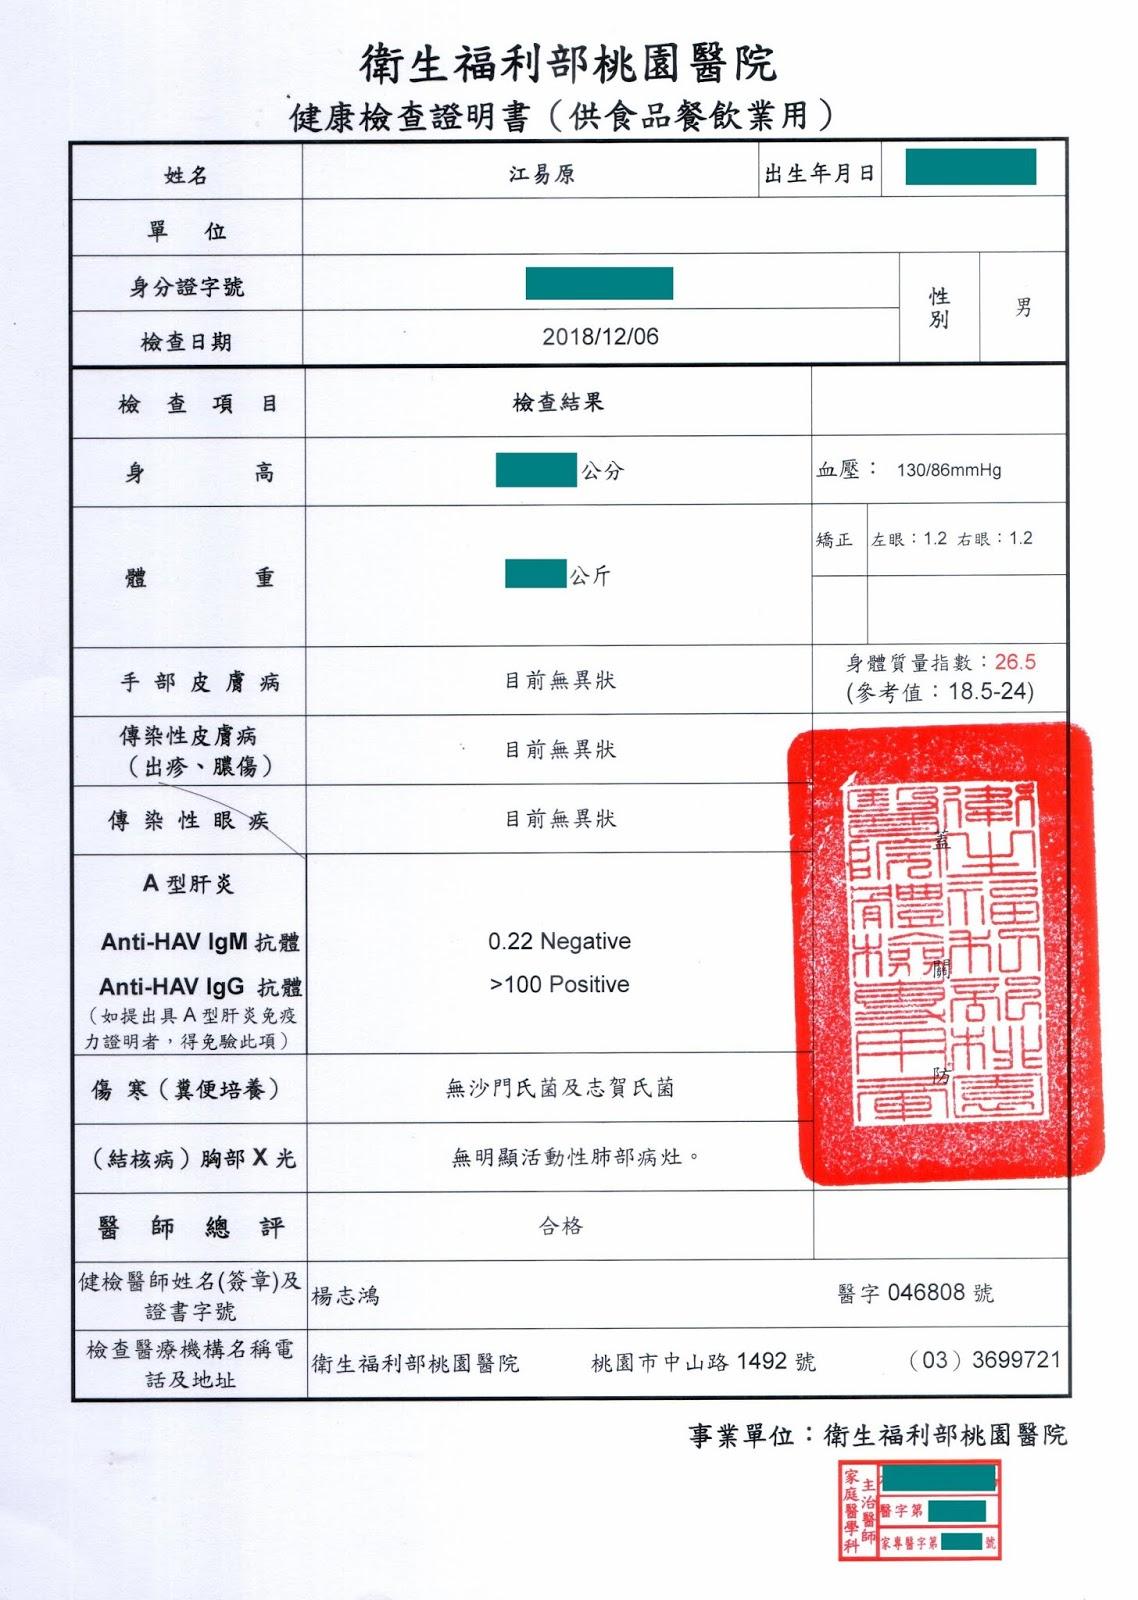 阿原記事本: 阿原的食品從業人員體檢 (餐飲業供膳人員體檢) 及高級體檢報告 (20181206 檢查)